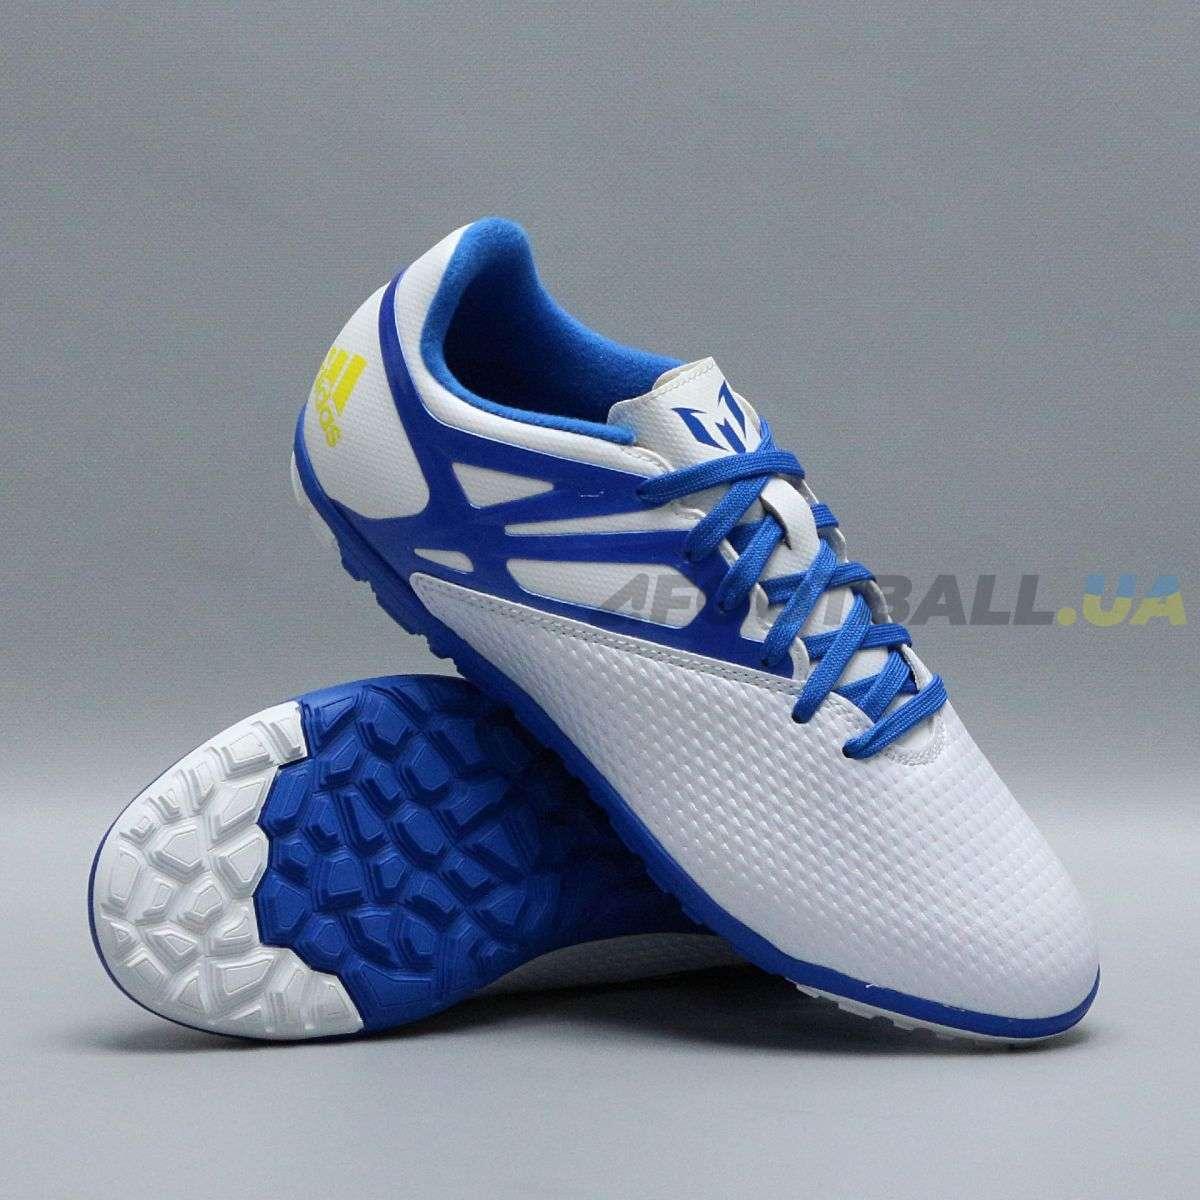 38b85085ce82 🥇 Бутсы Адидас — купить новые футбольные бутсы Adidas с носком ...